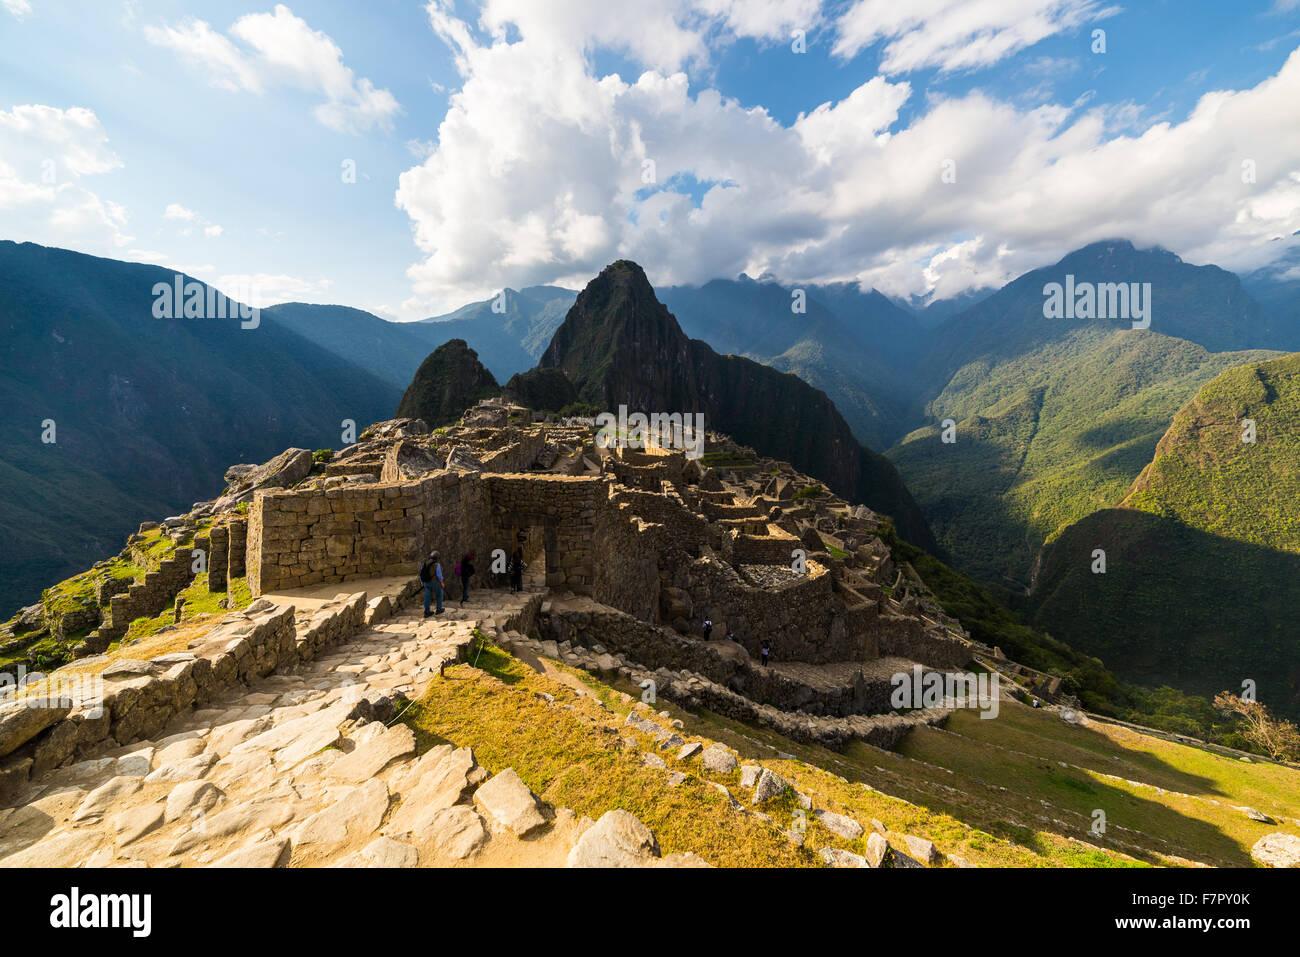 Machu Picchu parcialmente iluminada por los últimos rayos del sol. Amplio ángulo de visión de las Imagen De Stock